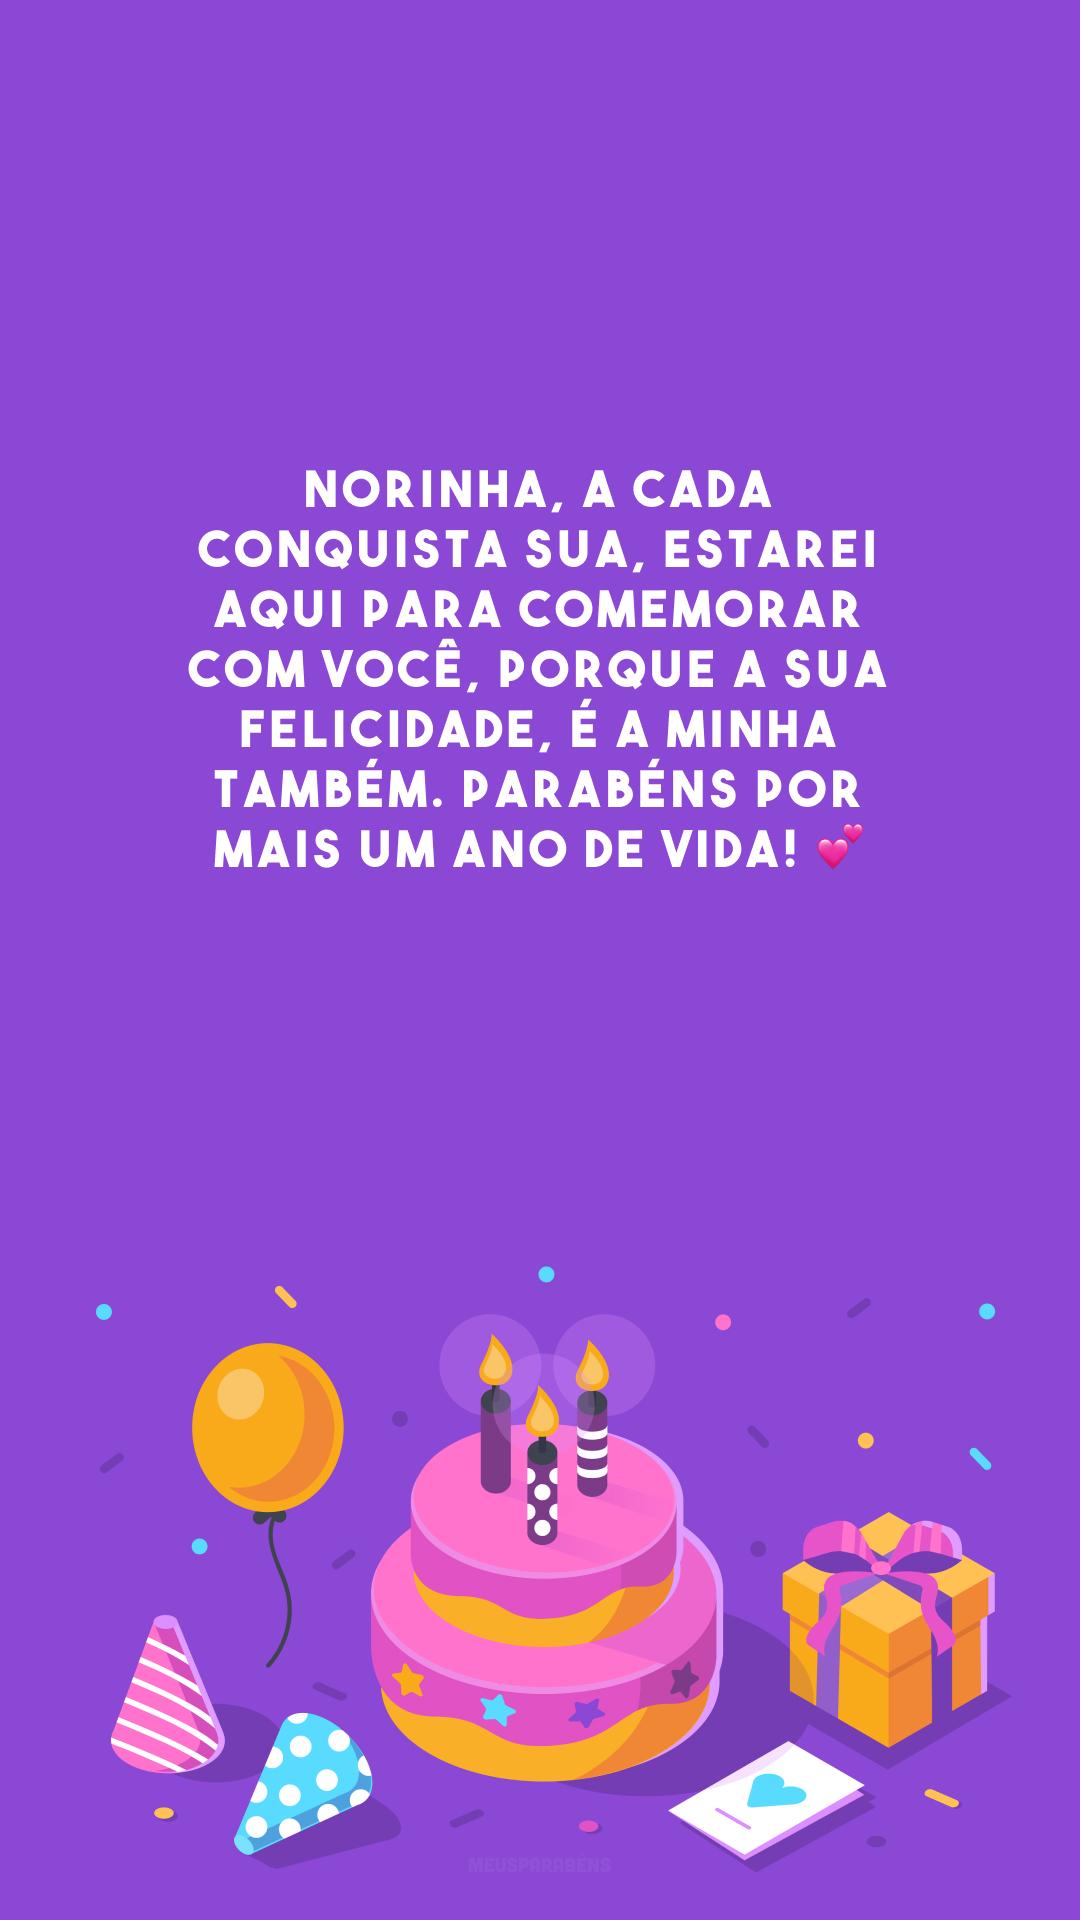 Norinha, a cada conquista sua, estarei aqui para comemorar com você, porque a sua felicidade, é a minha também. Parabéns por mais um ano de vida! 💕